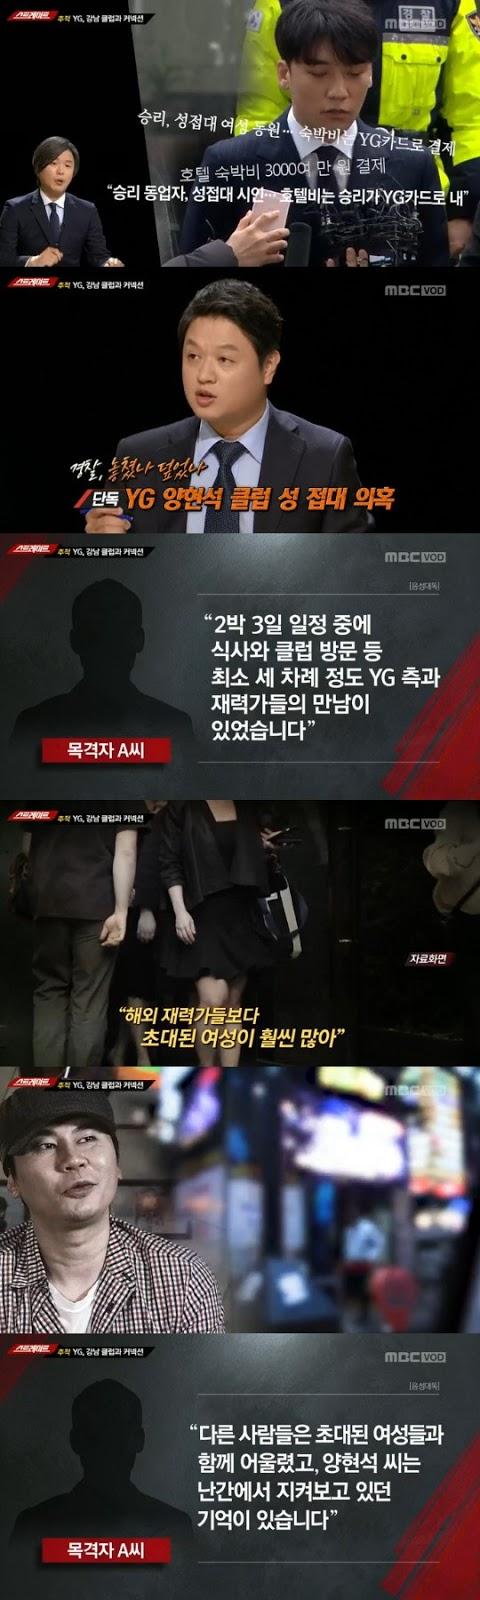 Yang Hyun Suk'un skandalının yaşandığı gece Hwang Hana da oradaymış